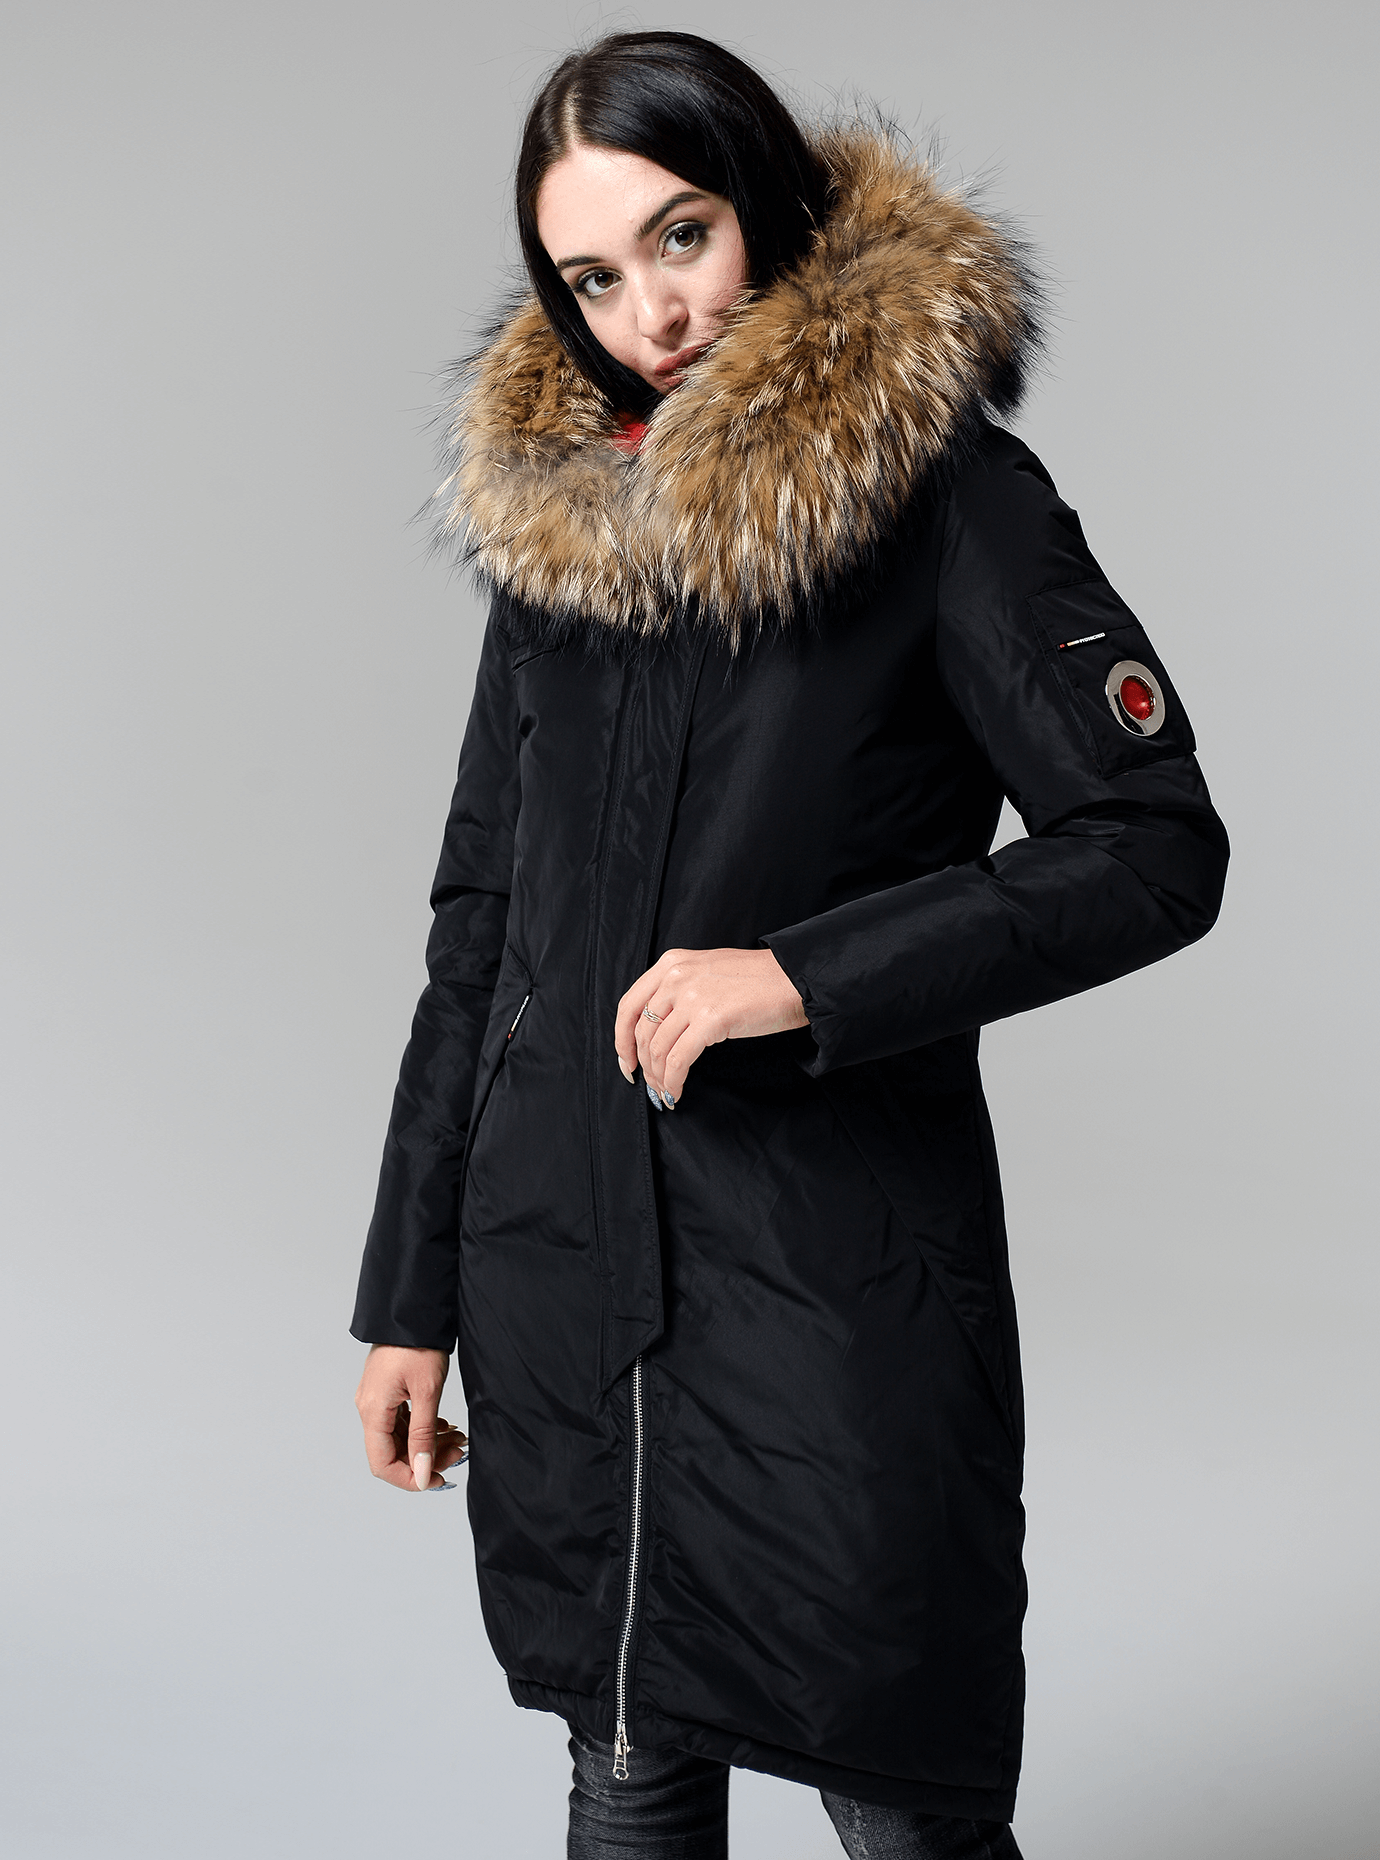 Куртка зимняя длинная со съемным мехом енота Чёрный S (05-V191277): фото - Alster.ua